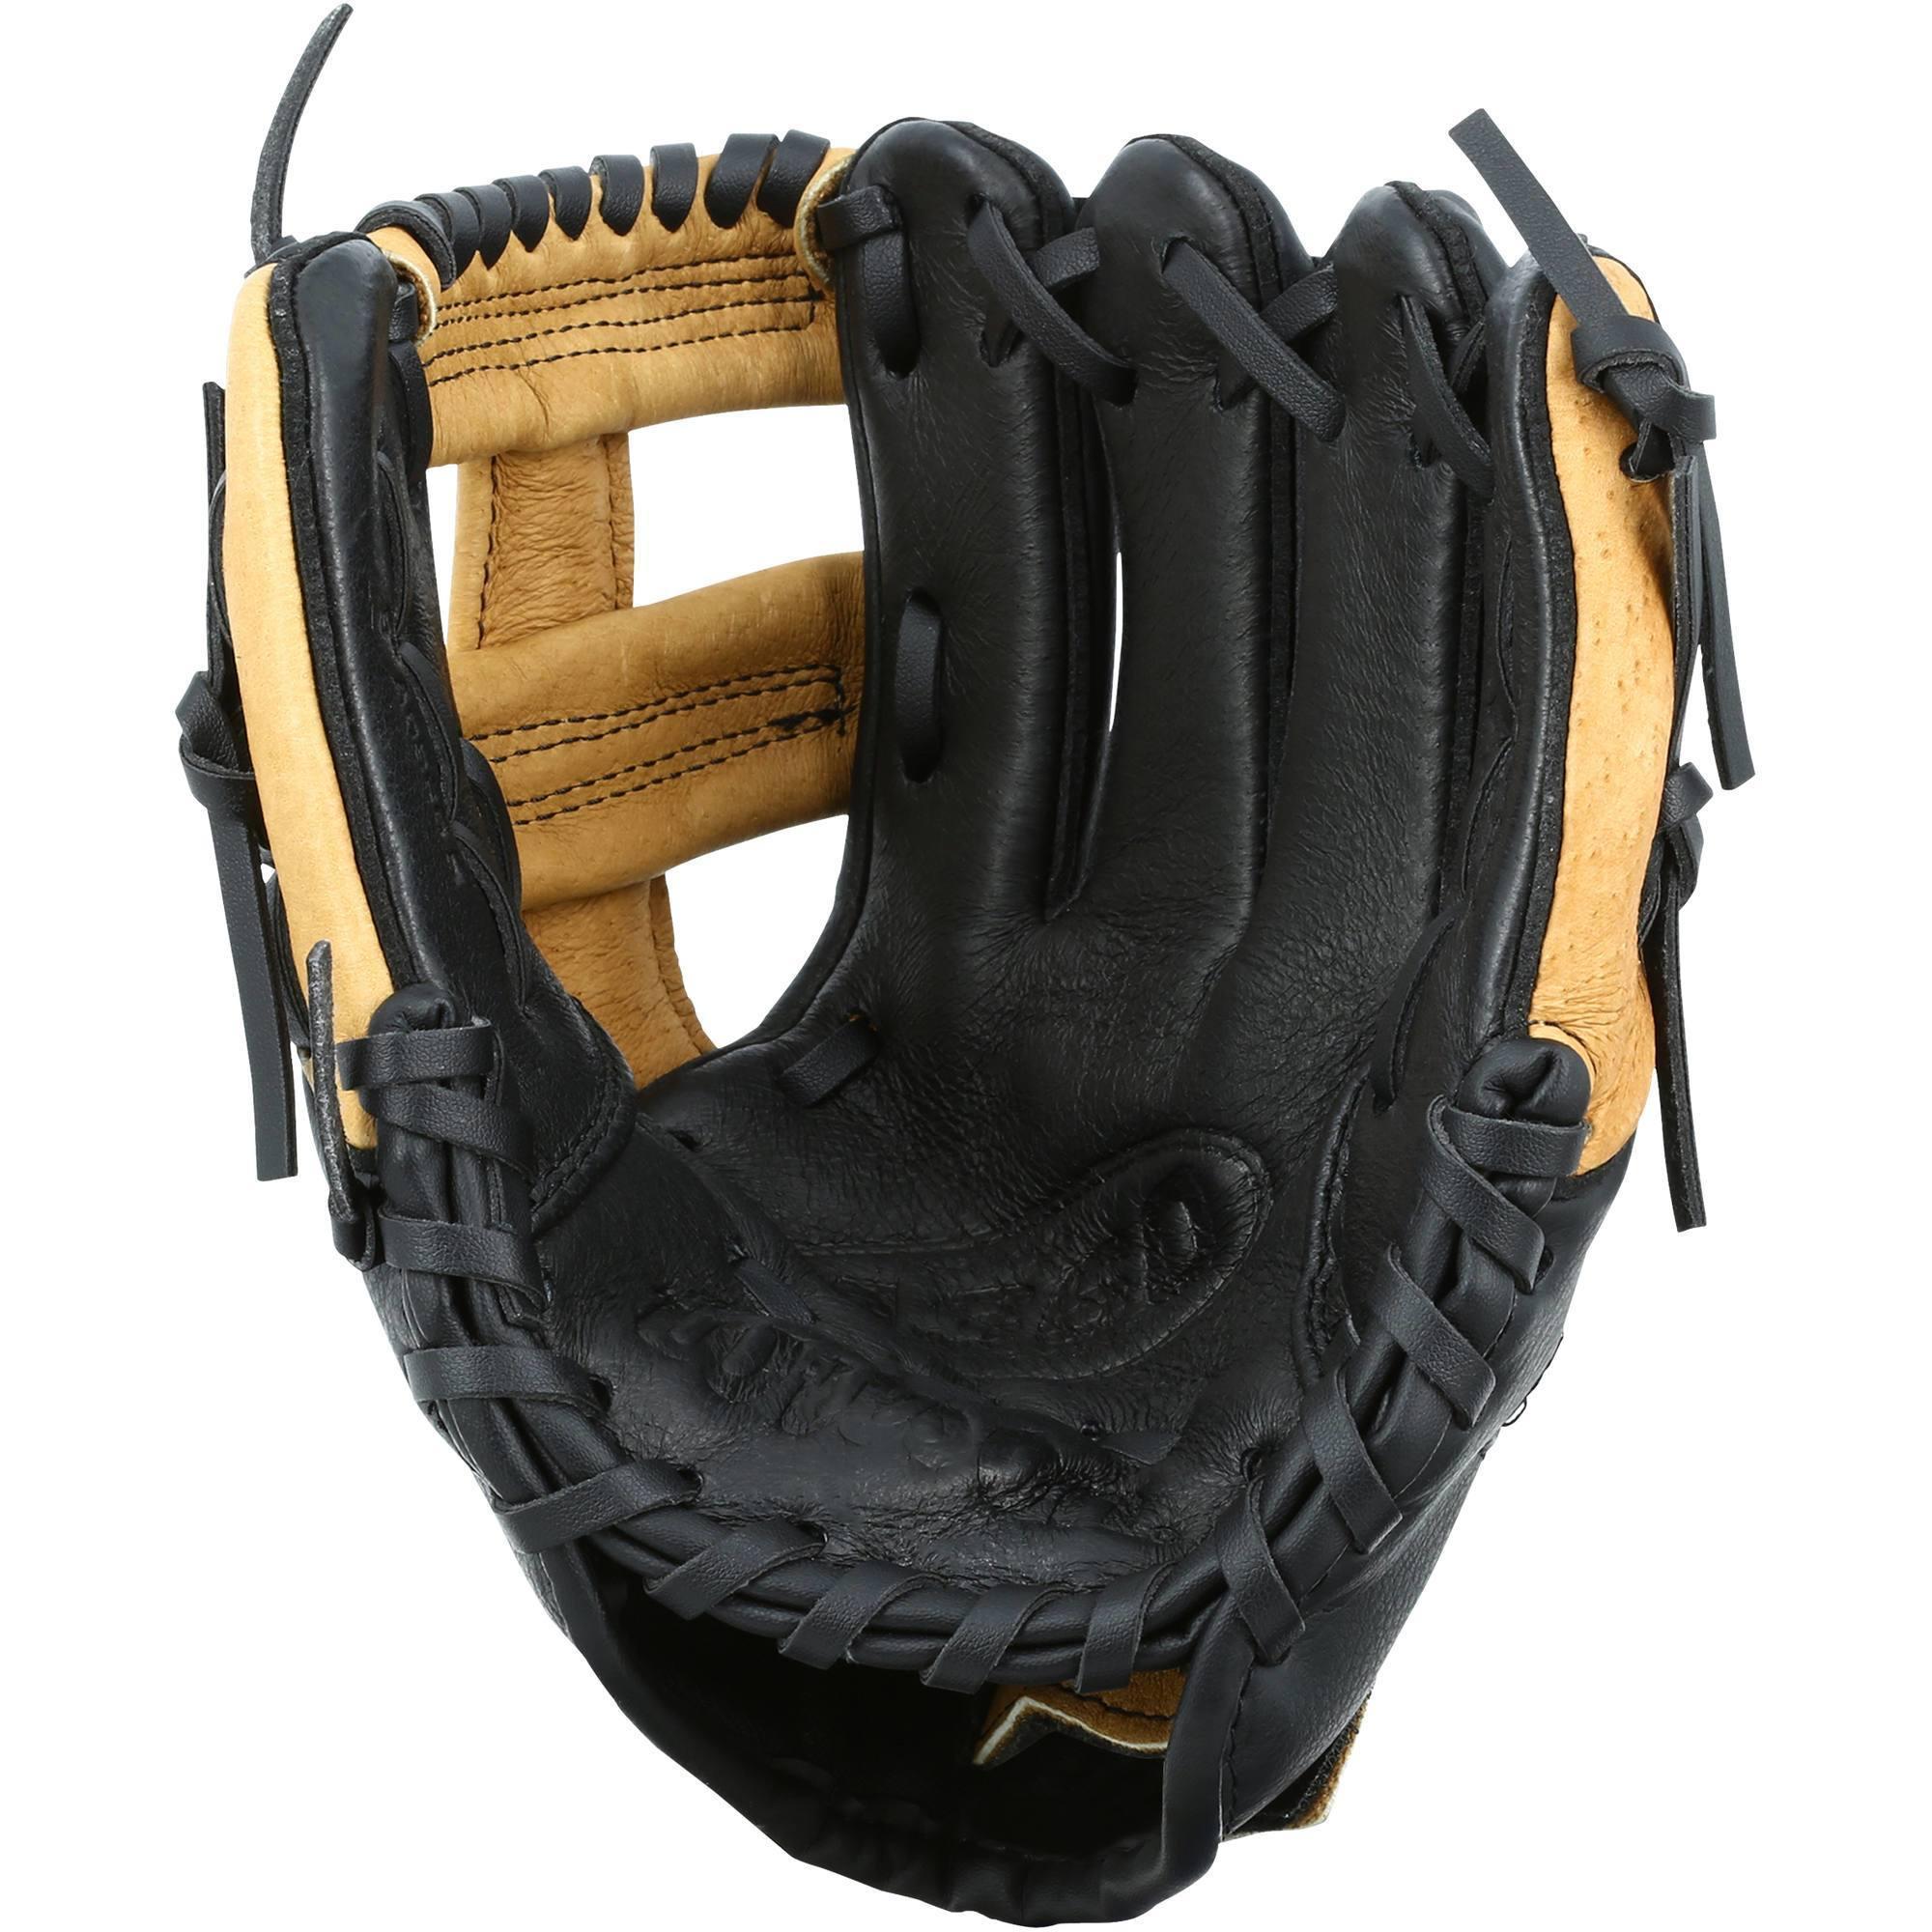 Gant de baseball pour enfant Jr A360 main gauche 9 pouces (22.86 cm) marron